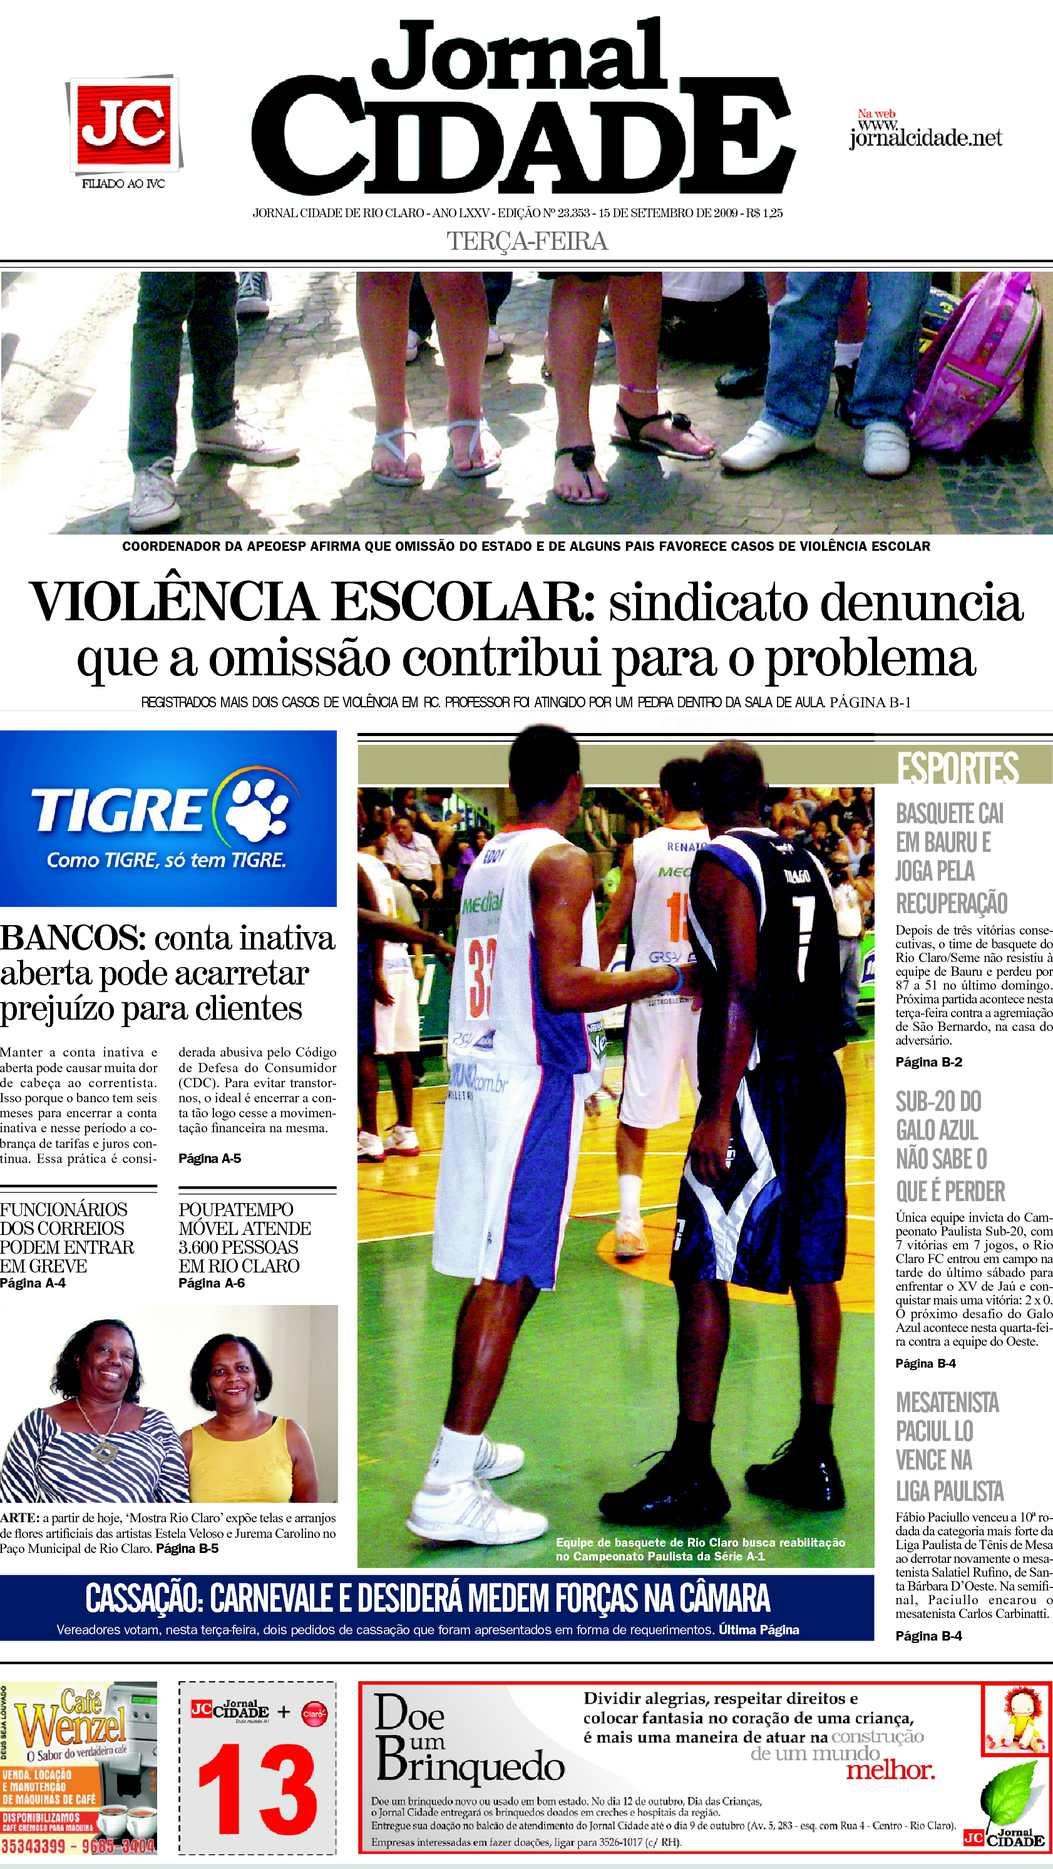 3714d32ab4f58 Calaméo - Jornal Cidade de Rio Claro 15 09 2009